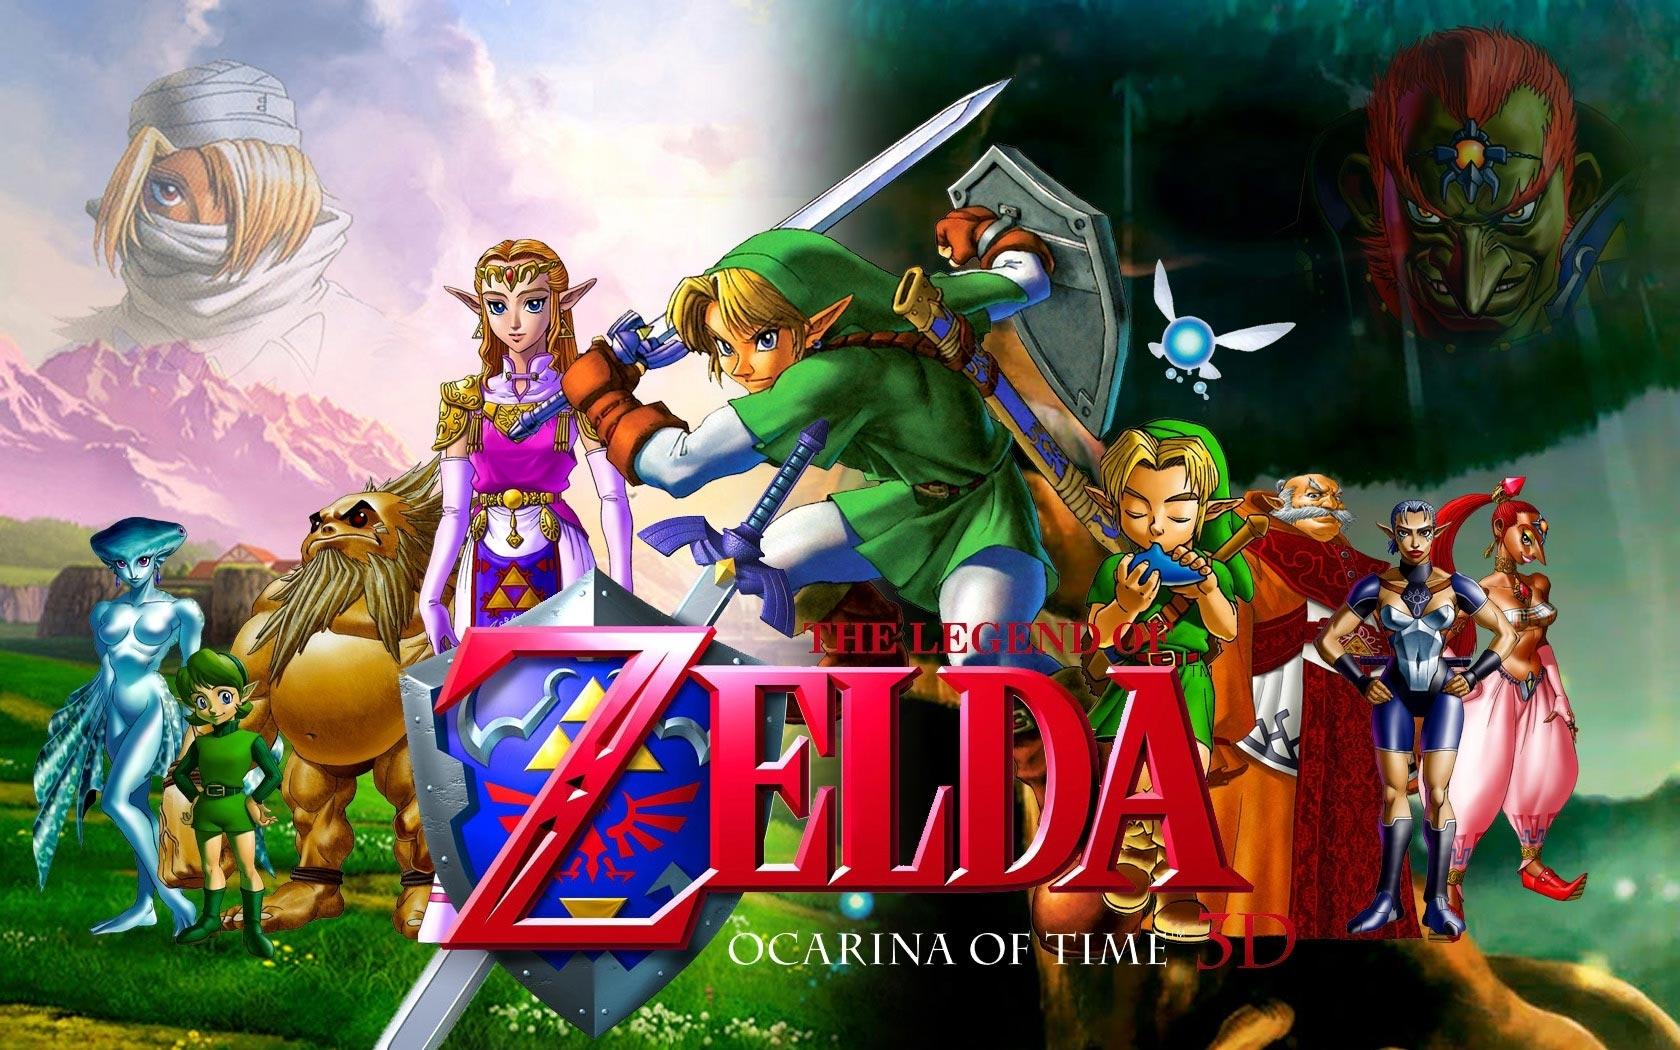 the_legend_of_zelda_characters_faces_swords_zelda_22306_1400x1050